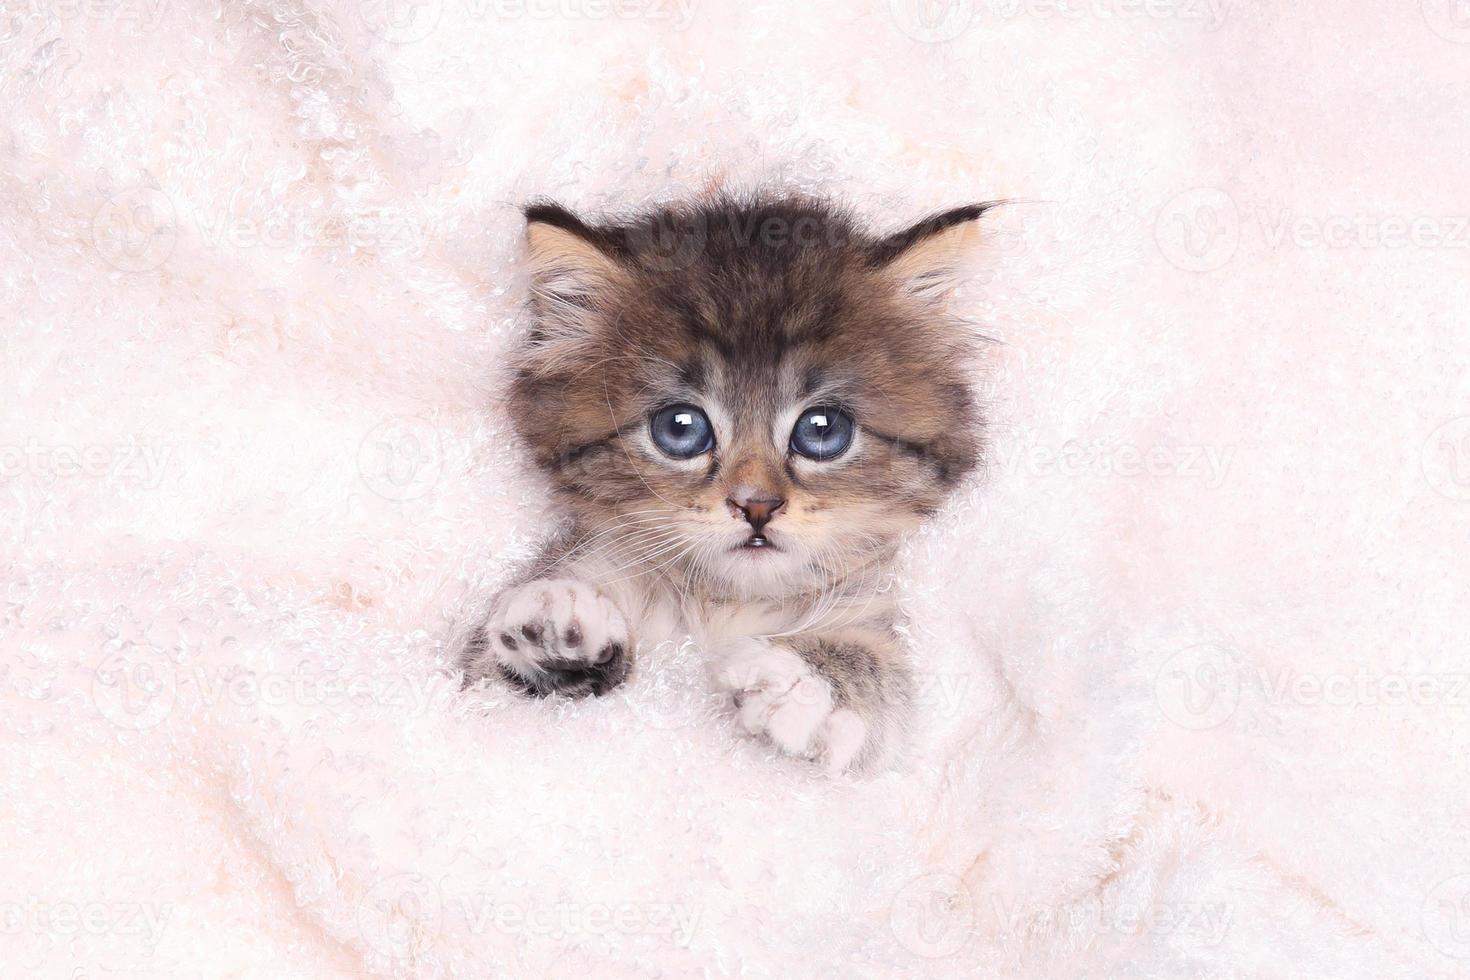 chaton au lit avec couverture photo